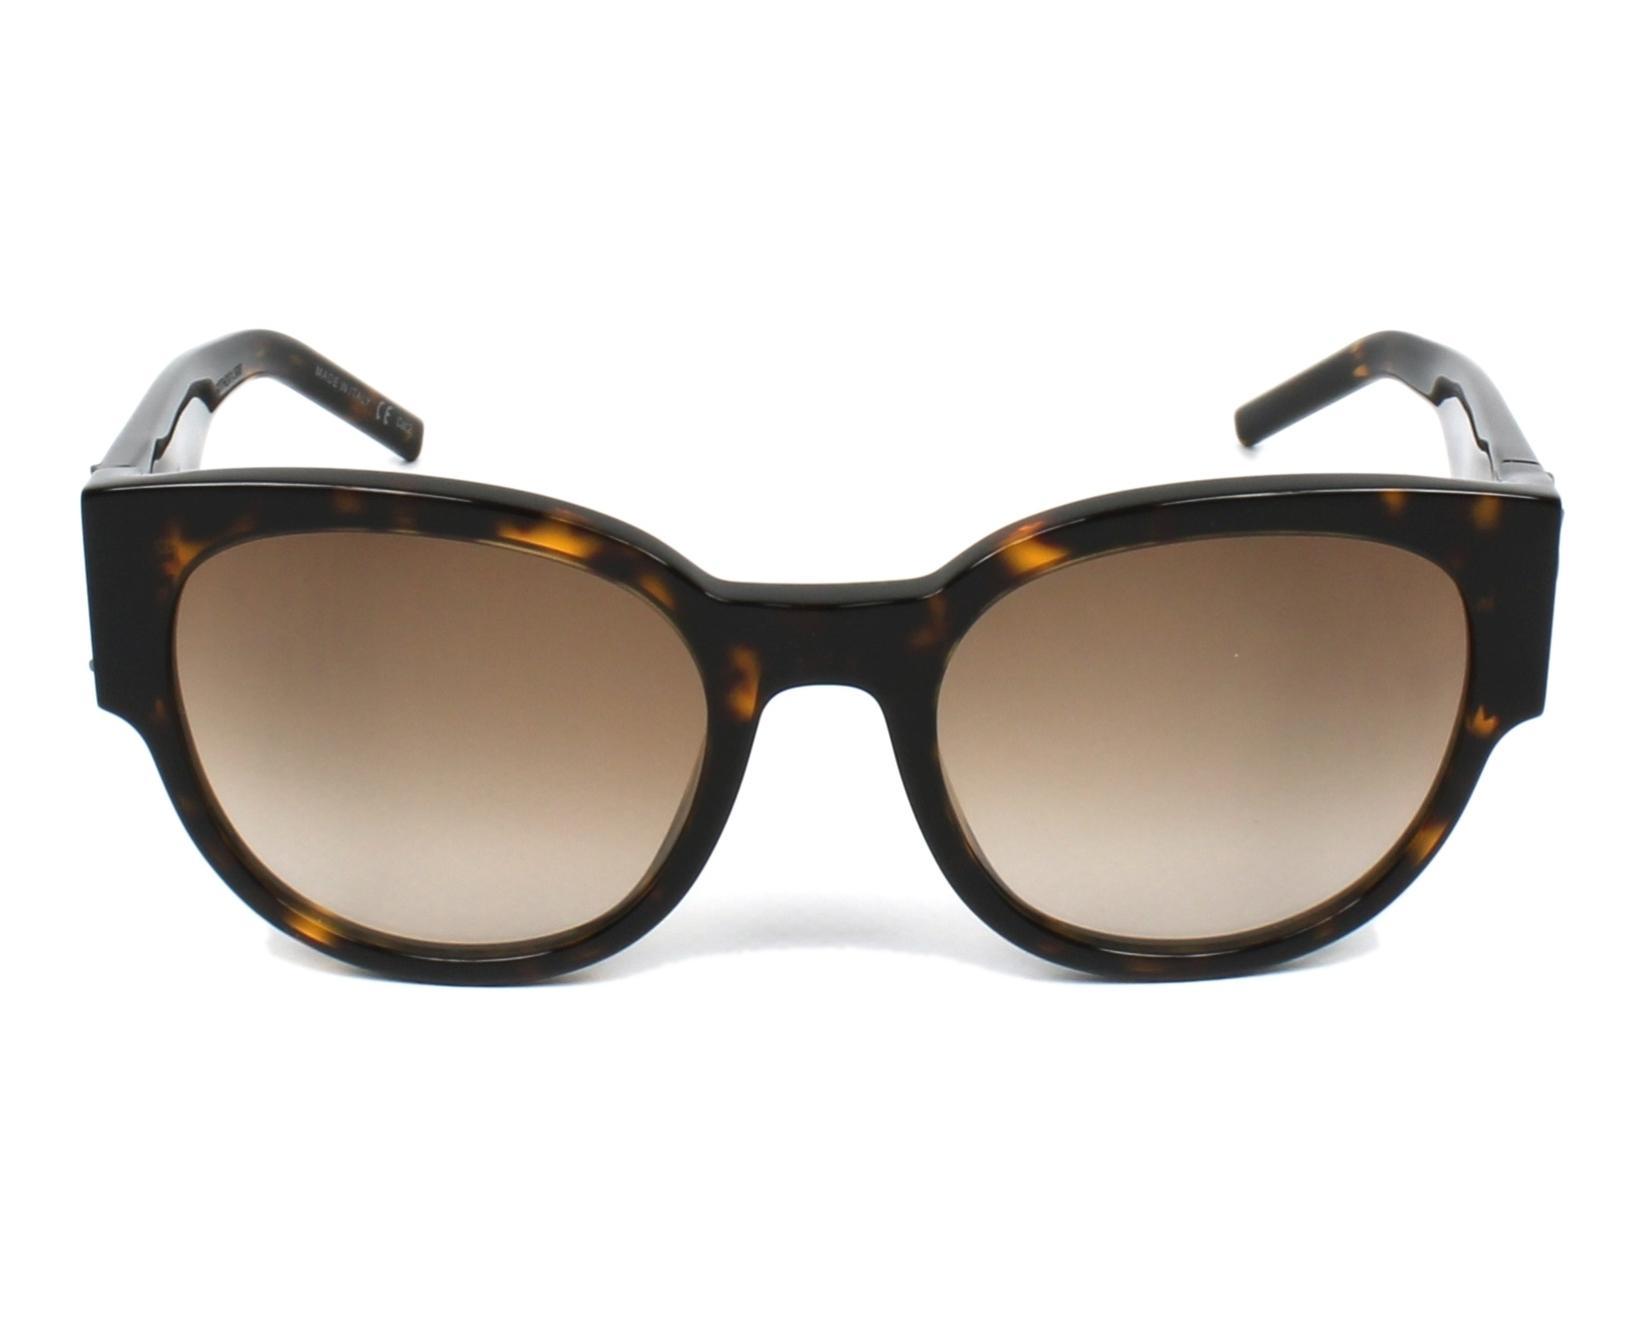 Yves saint laurent sunglasses slm 19 002 havana visionet for Miroir yves saint laurent